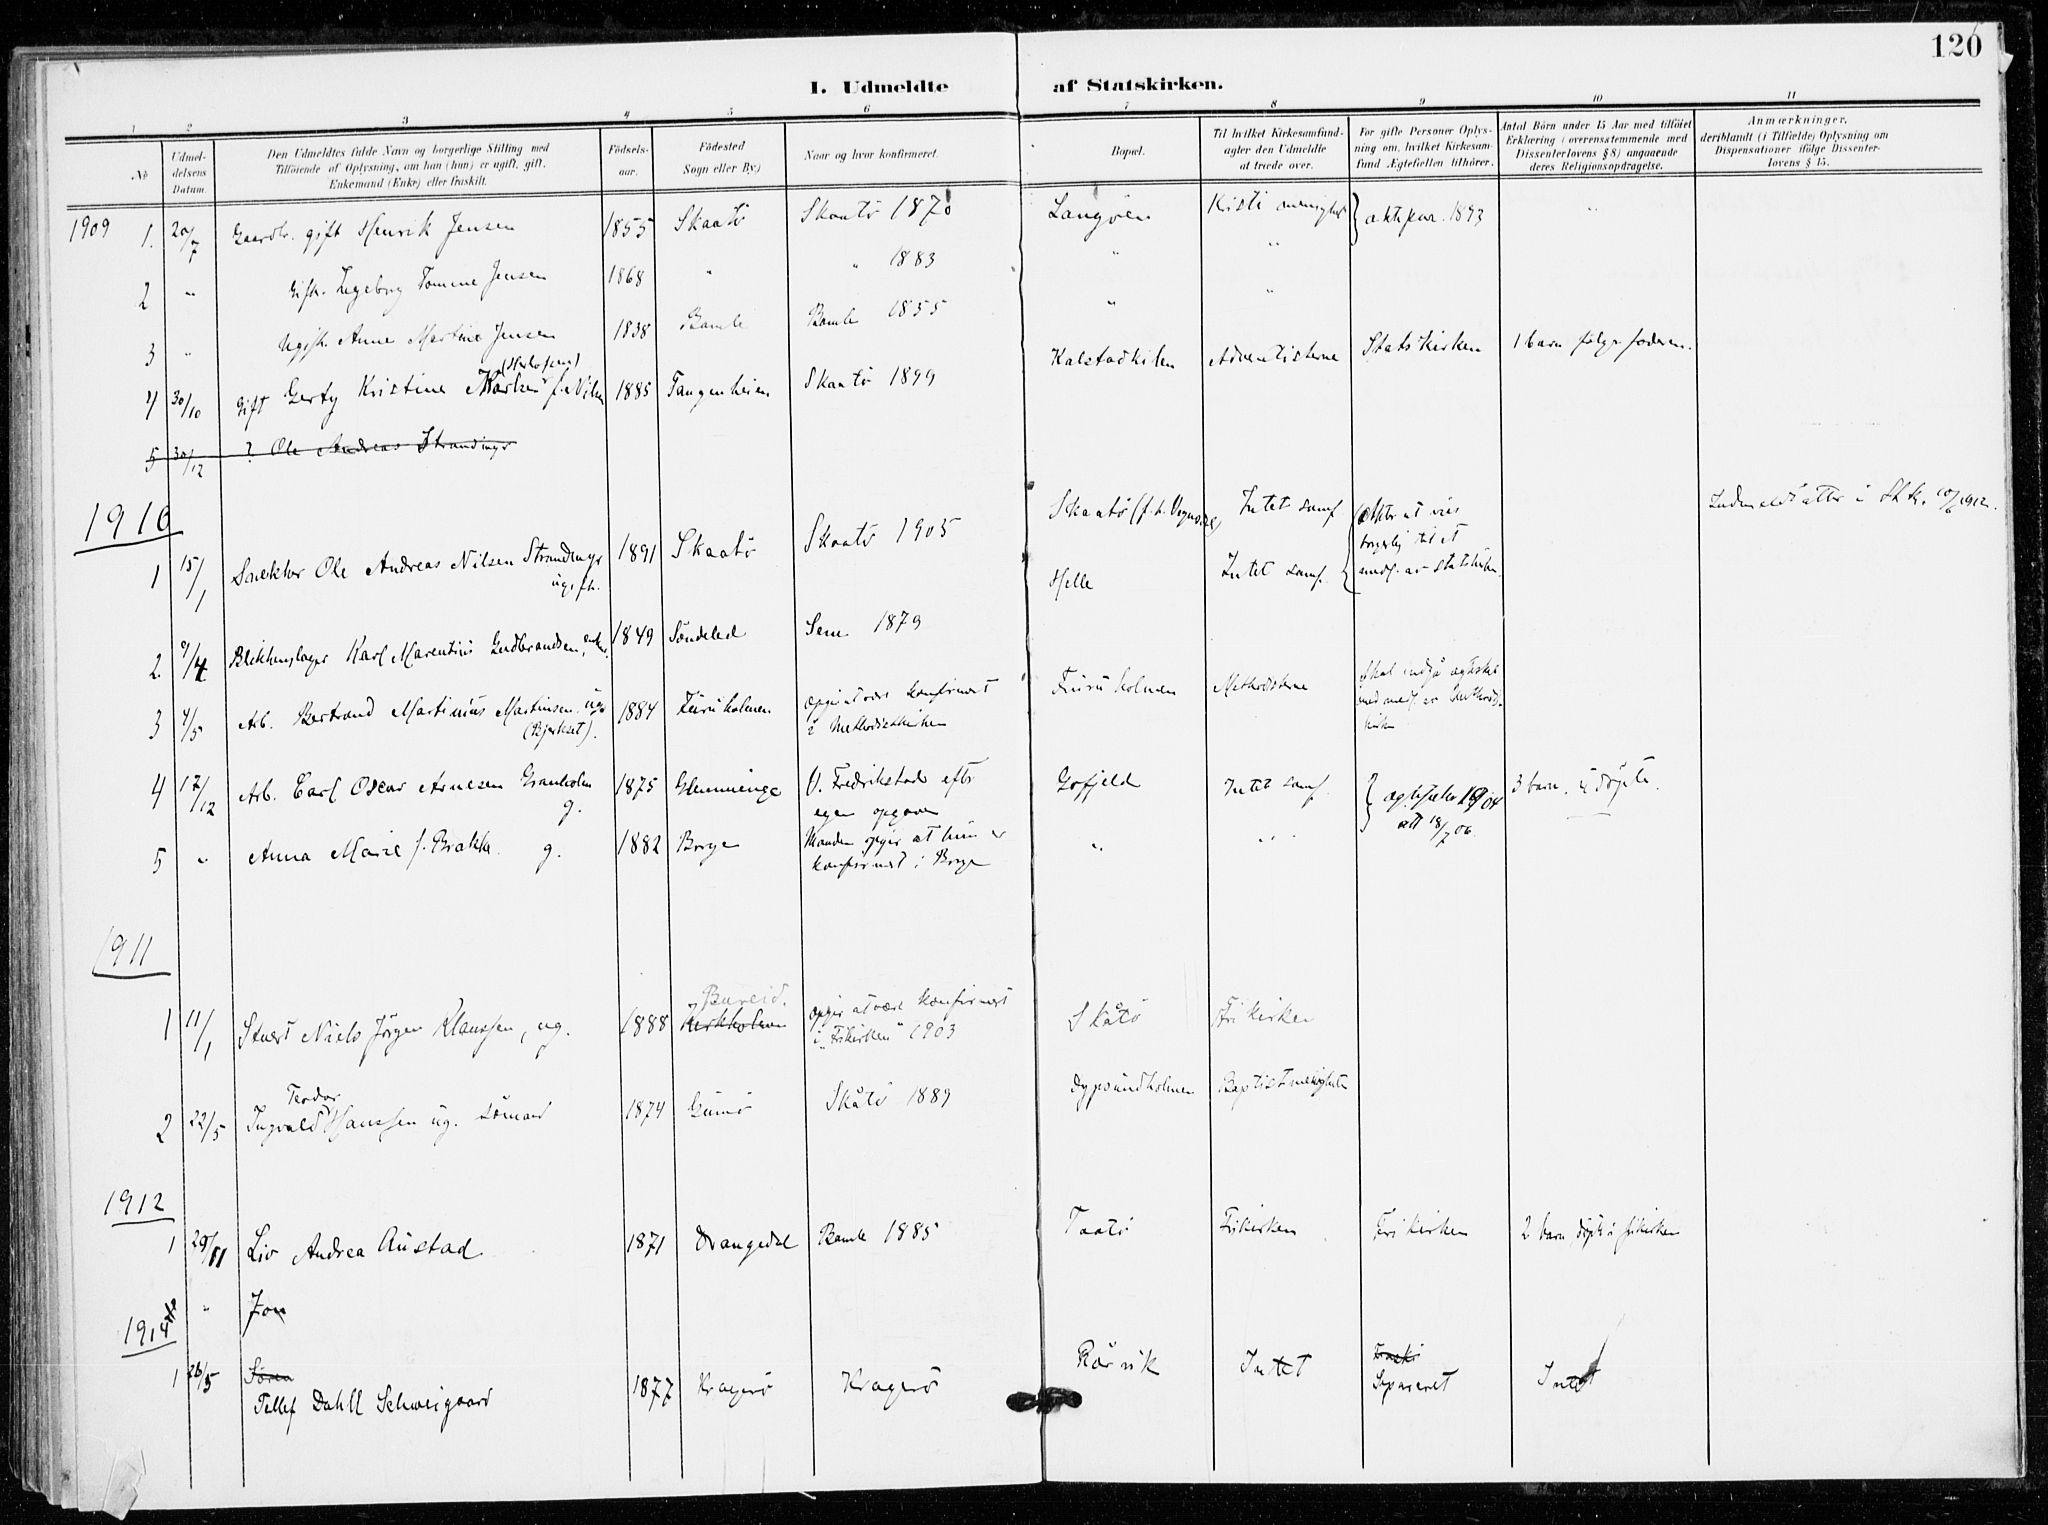 SAKO, Skåtøy kirkebøker, F/Fa/L0005: Ministerialbok nr. I 5, 1901-1923, s. 120